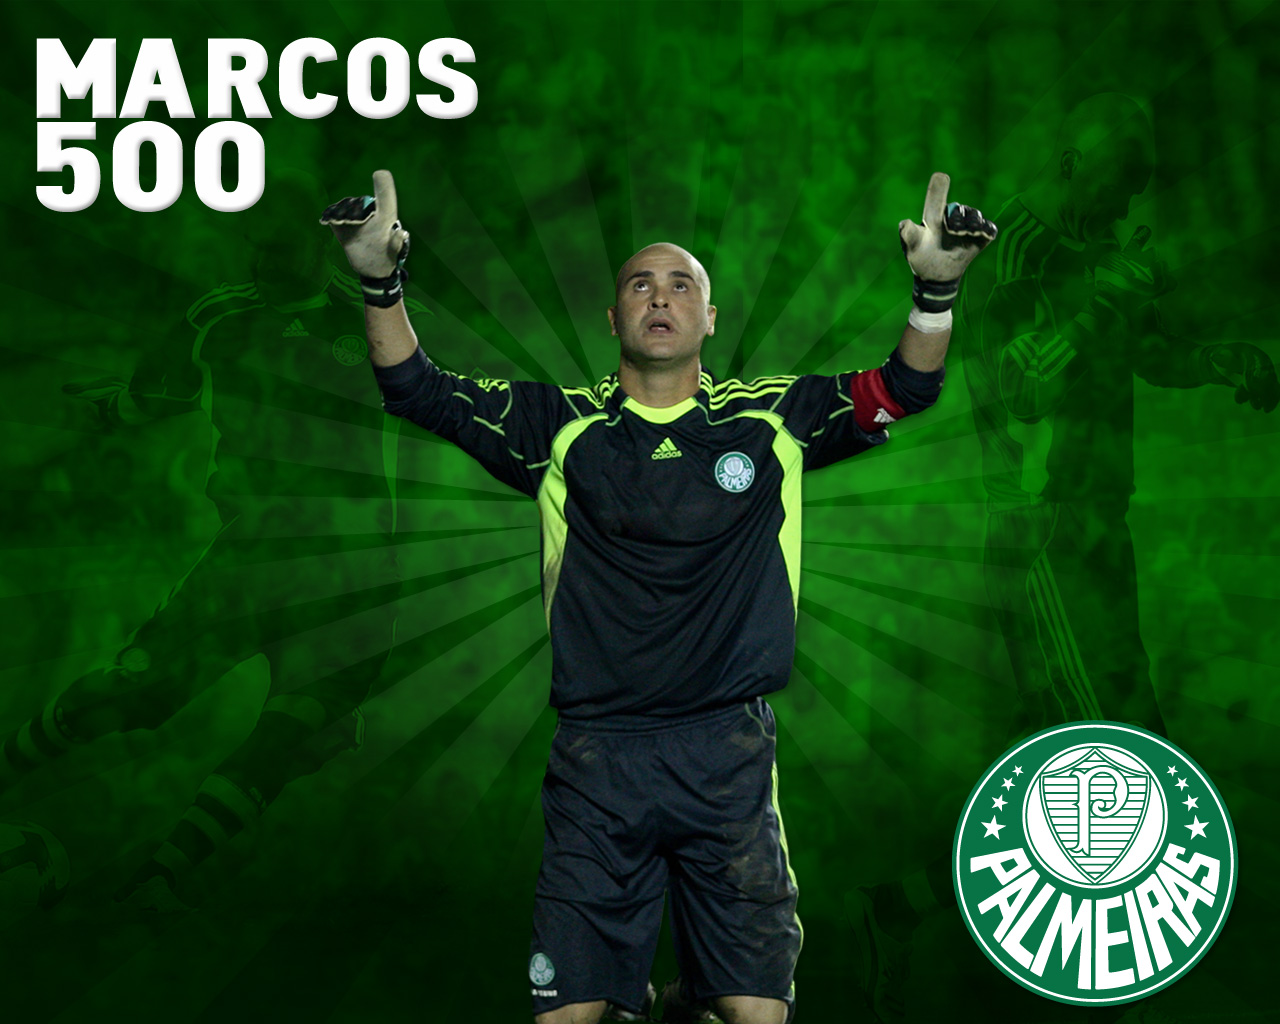 Marcos Palmeiras Wallpaper Http://www.palmeiras.com.br/